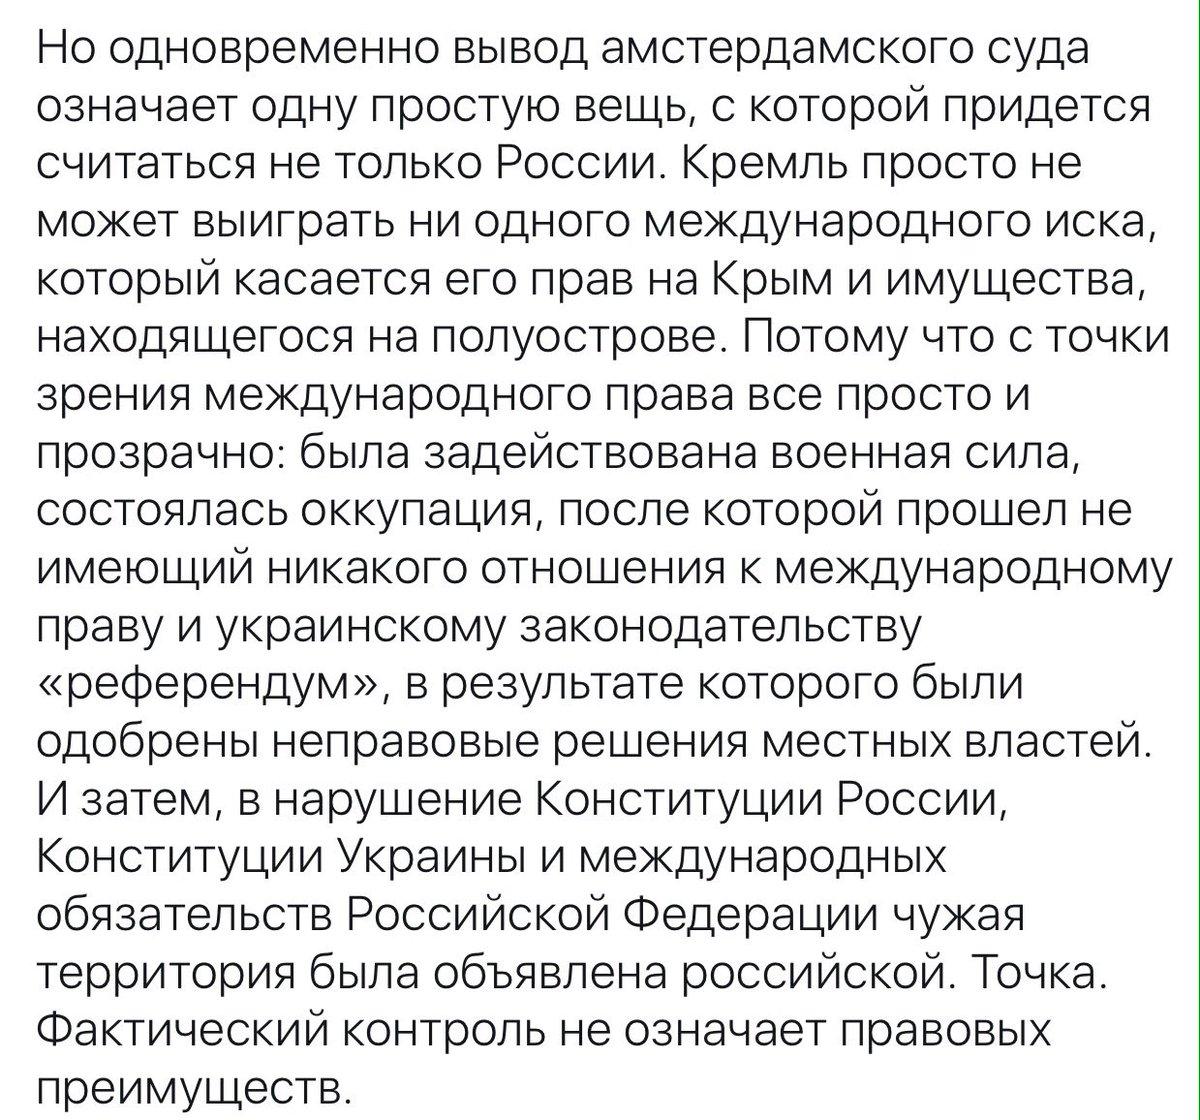 """""""Хотя бы на МиГ увидеть тебя"""", """"Судьба Пальмиры в твоих руках"""", - российские пропагандисты выпустили издевательский календарь с благодарными сирийками - Цензор.НЕТ 998"""